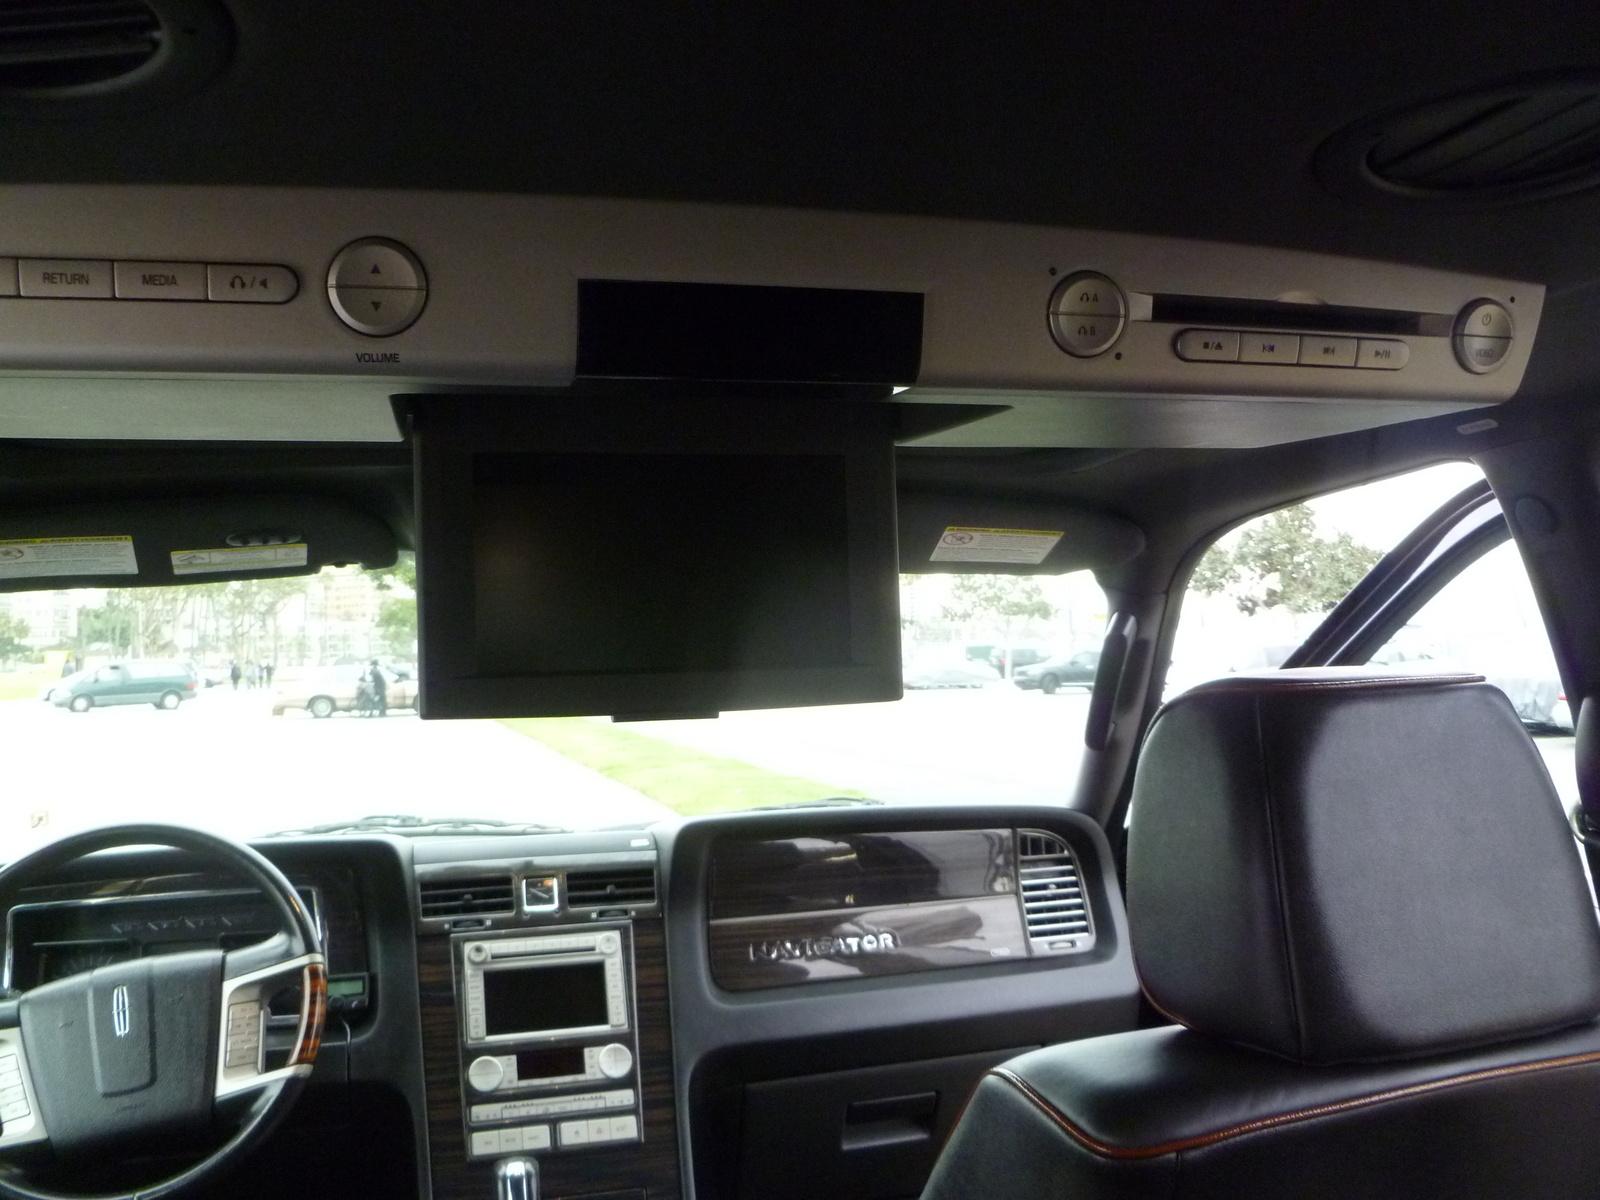 2008 Lincoln Navigator Interior Pictures Cargurus